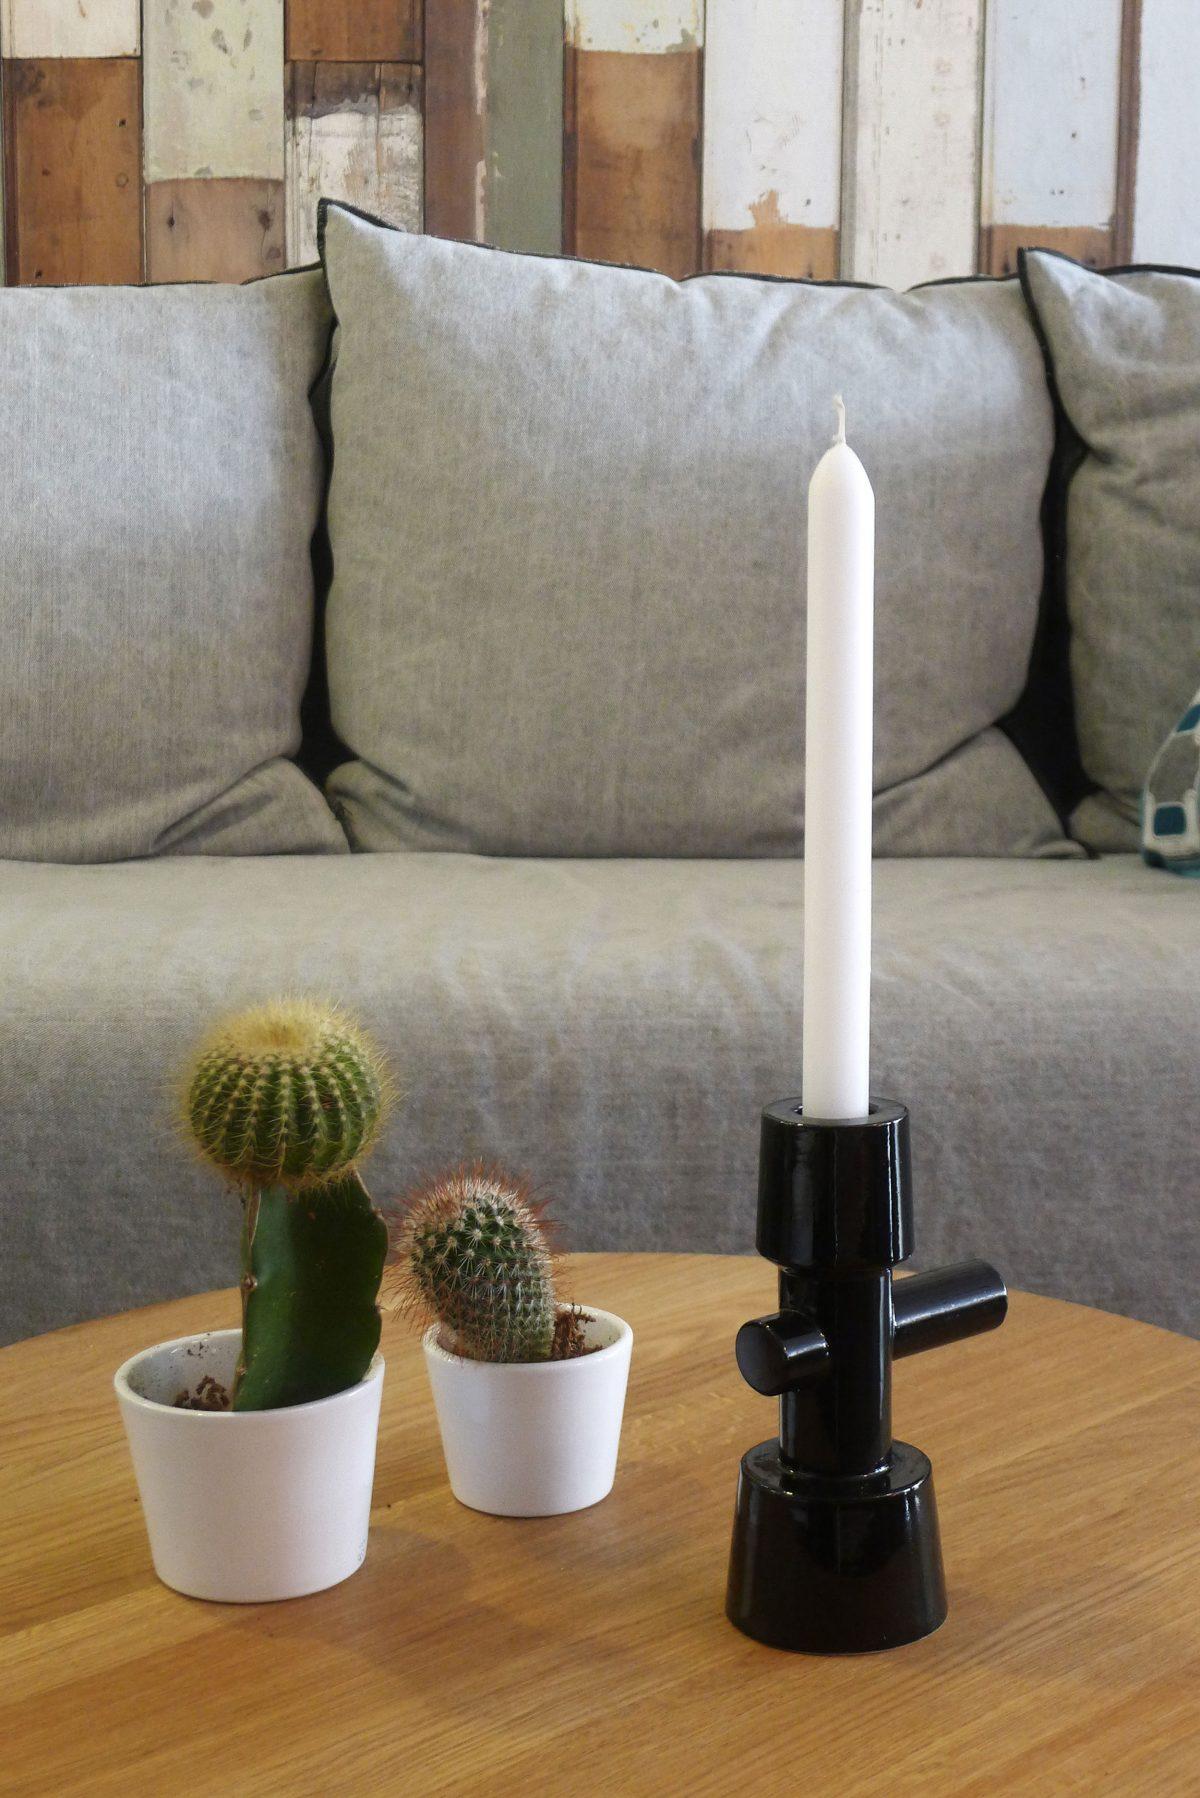 BASE Candlestick interieur zwart van Kranen Gille voor Cor Unum